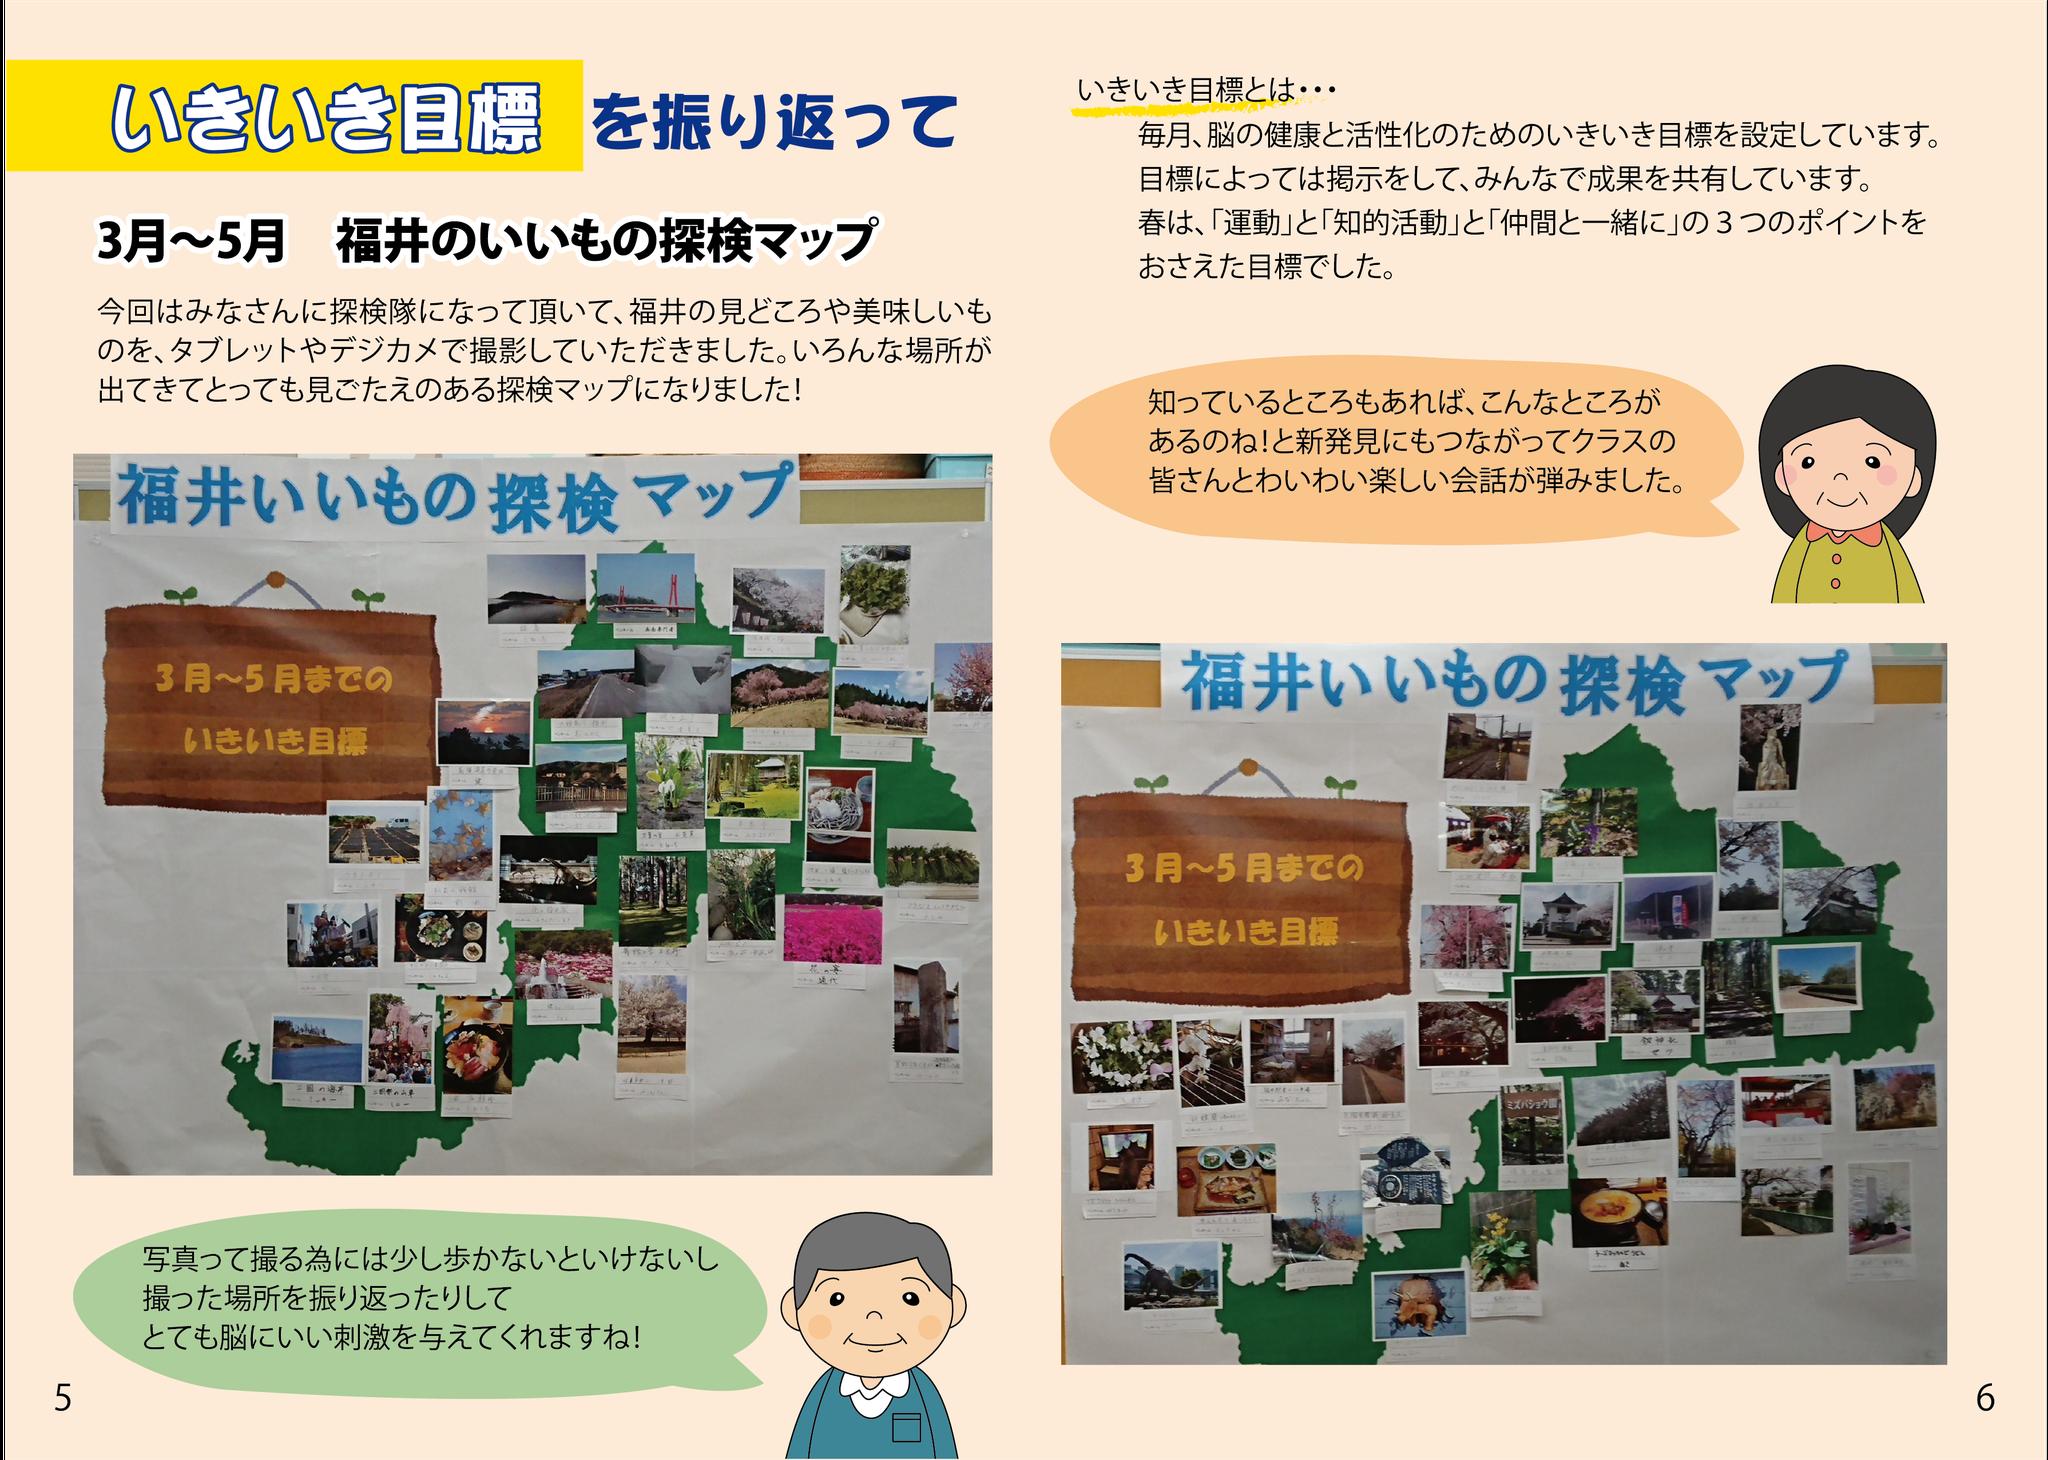 vol.8 p5-6 いきいき目標 3月~5月福井のいいもの探検マップ